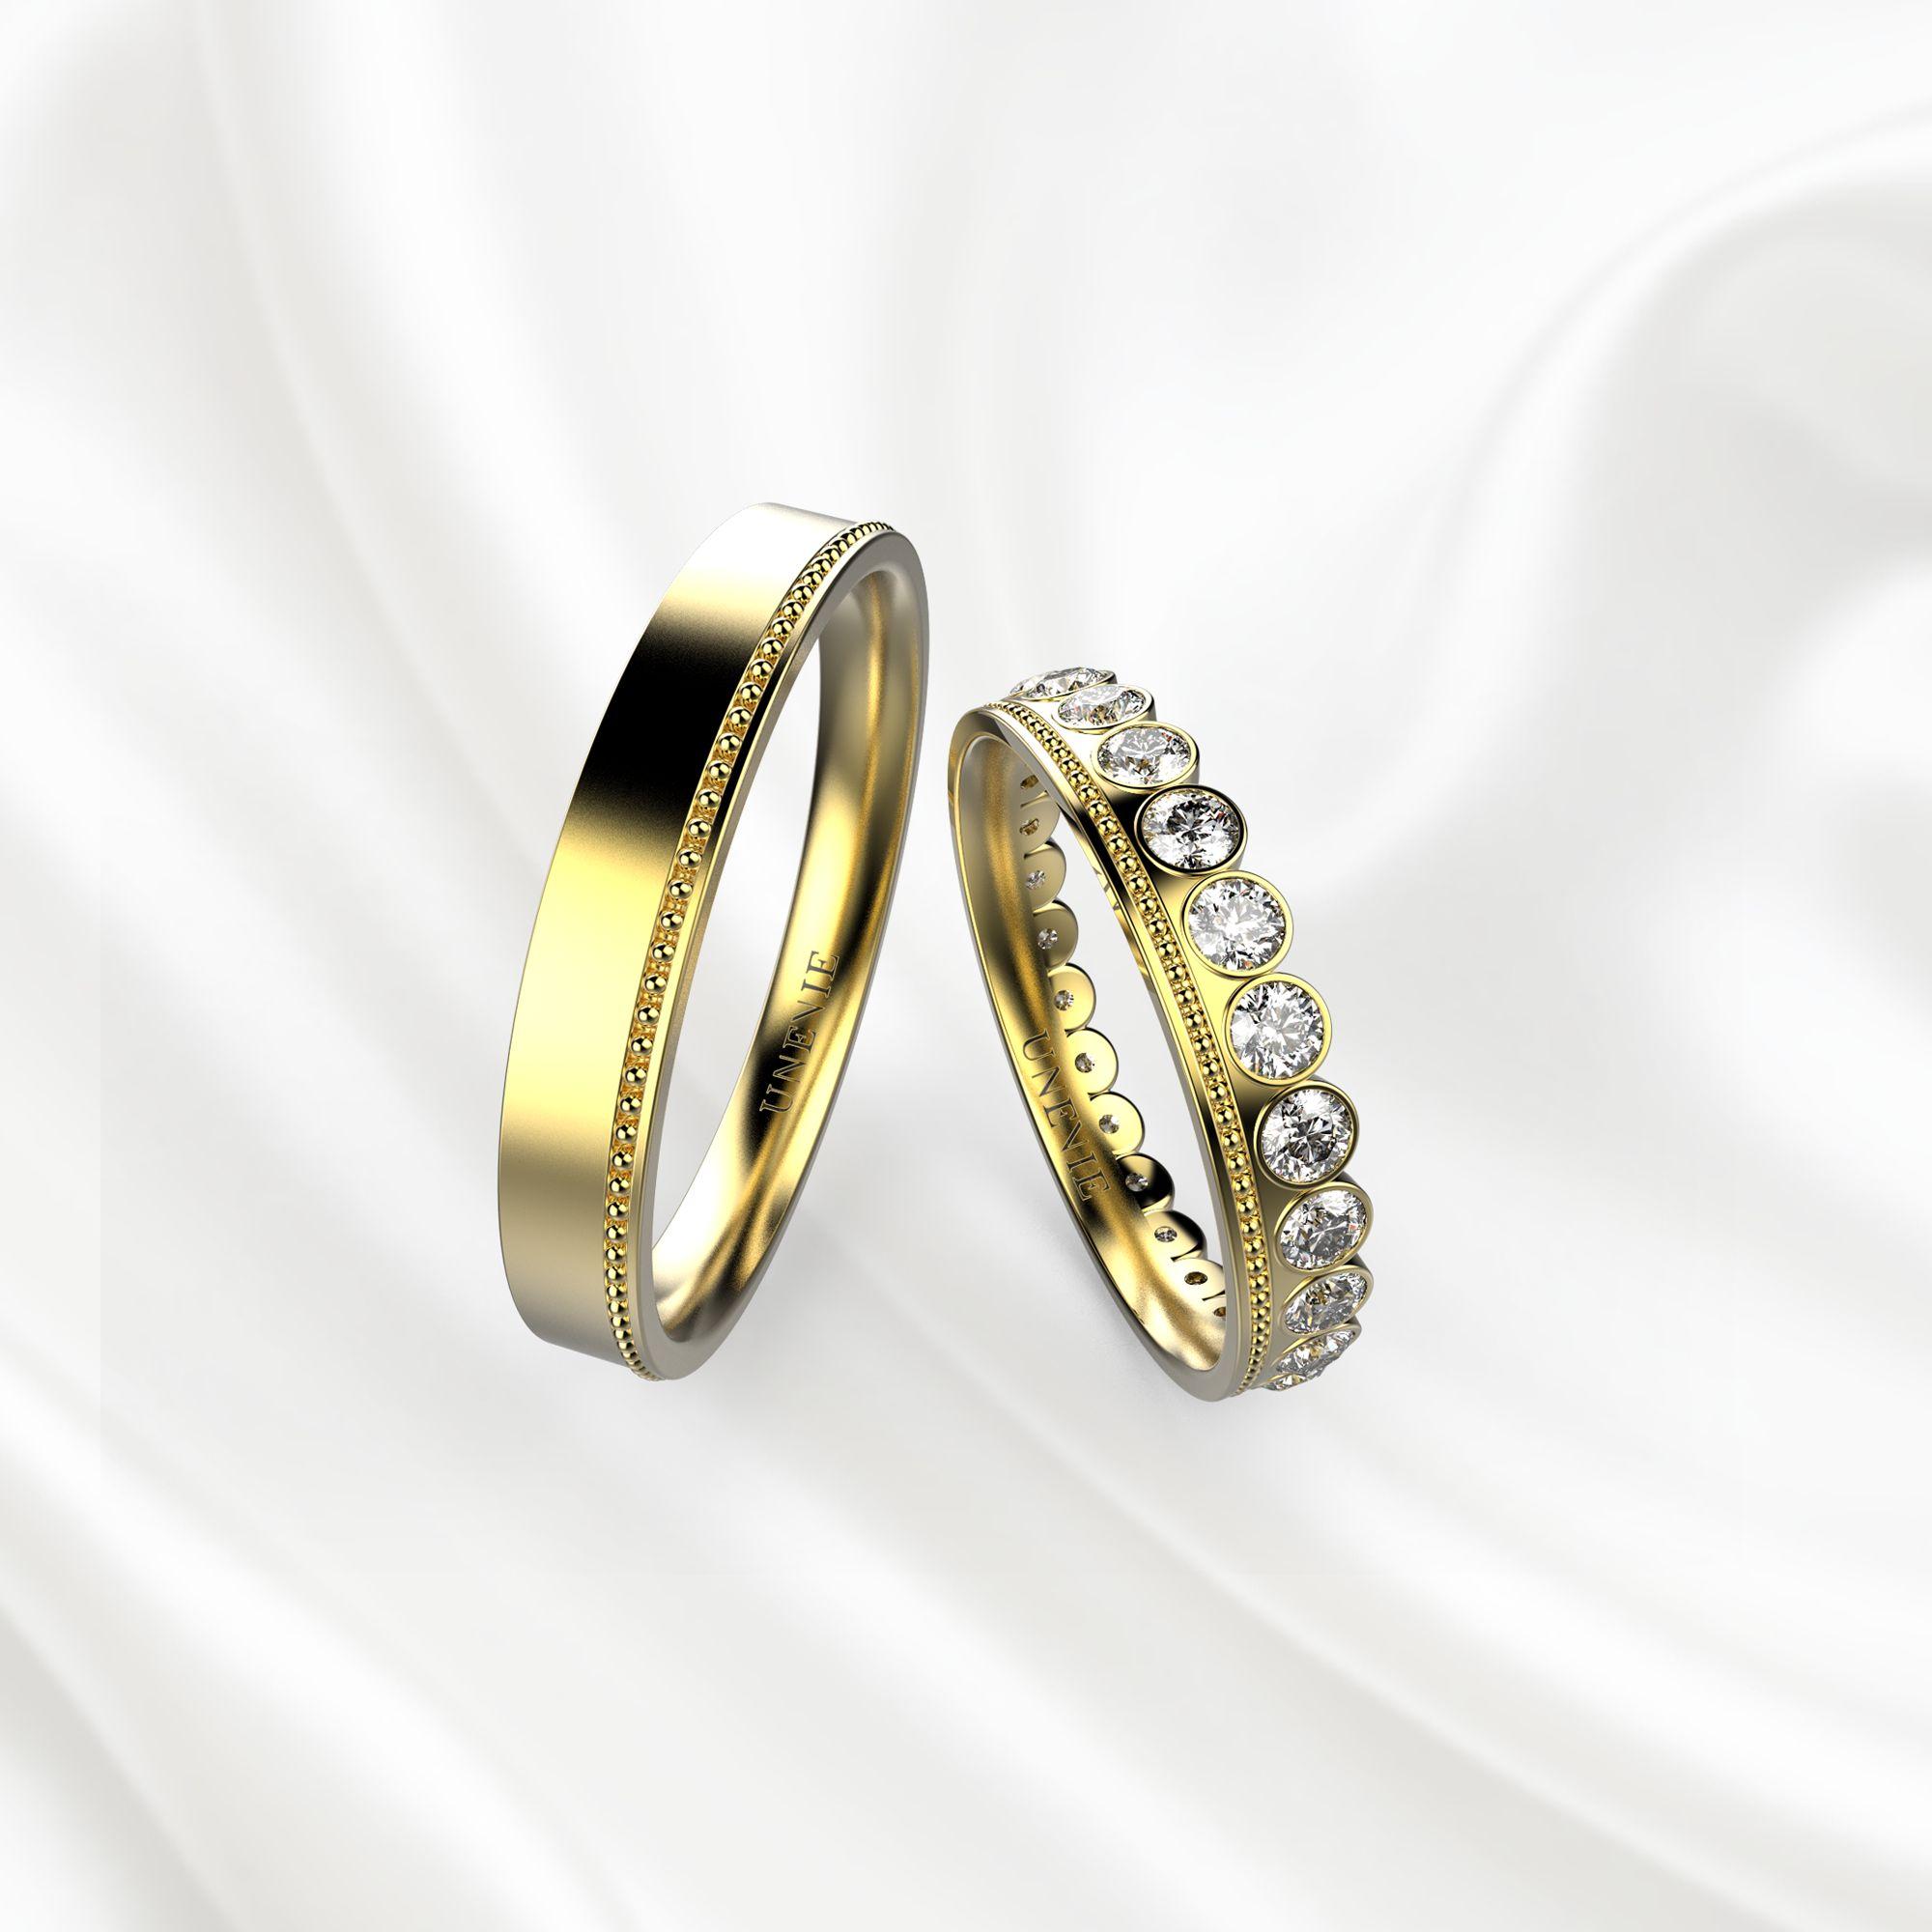 NV10 Обручальные кольца из жёлтого золота